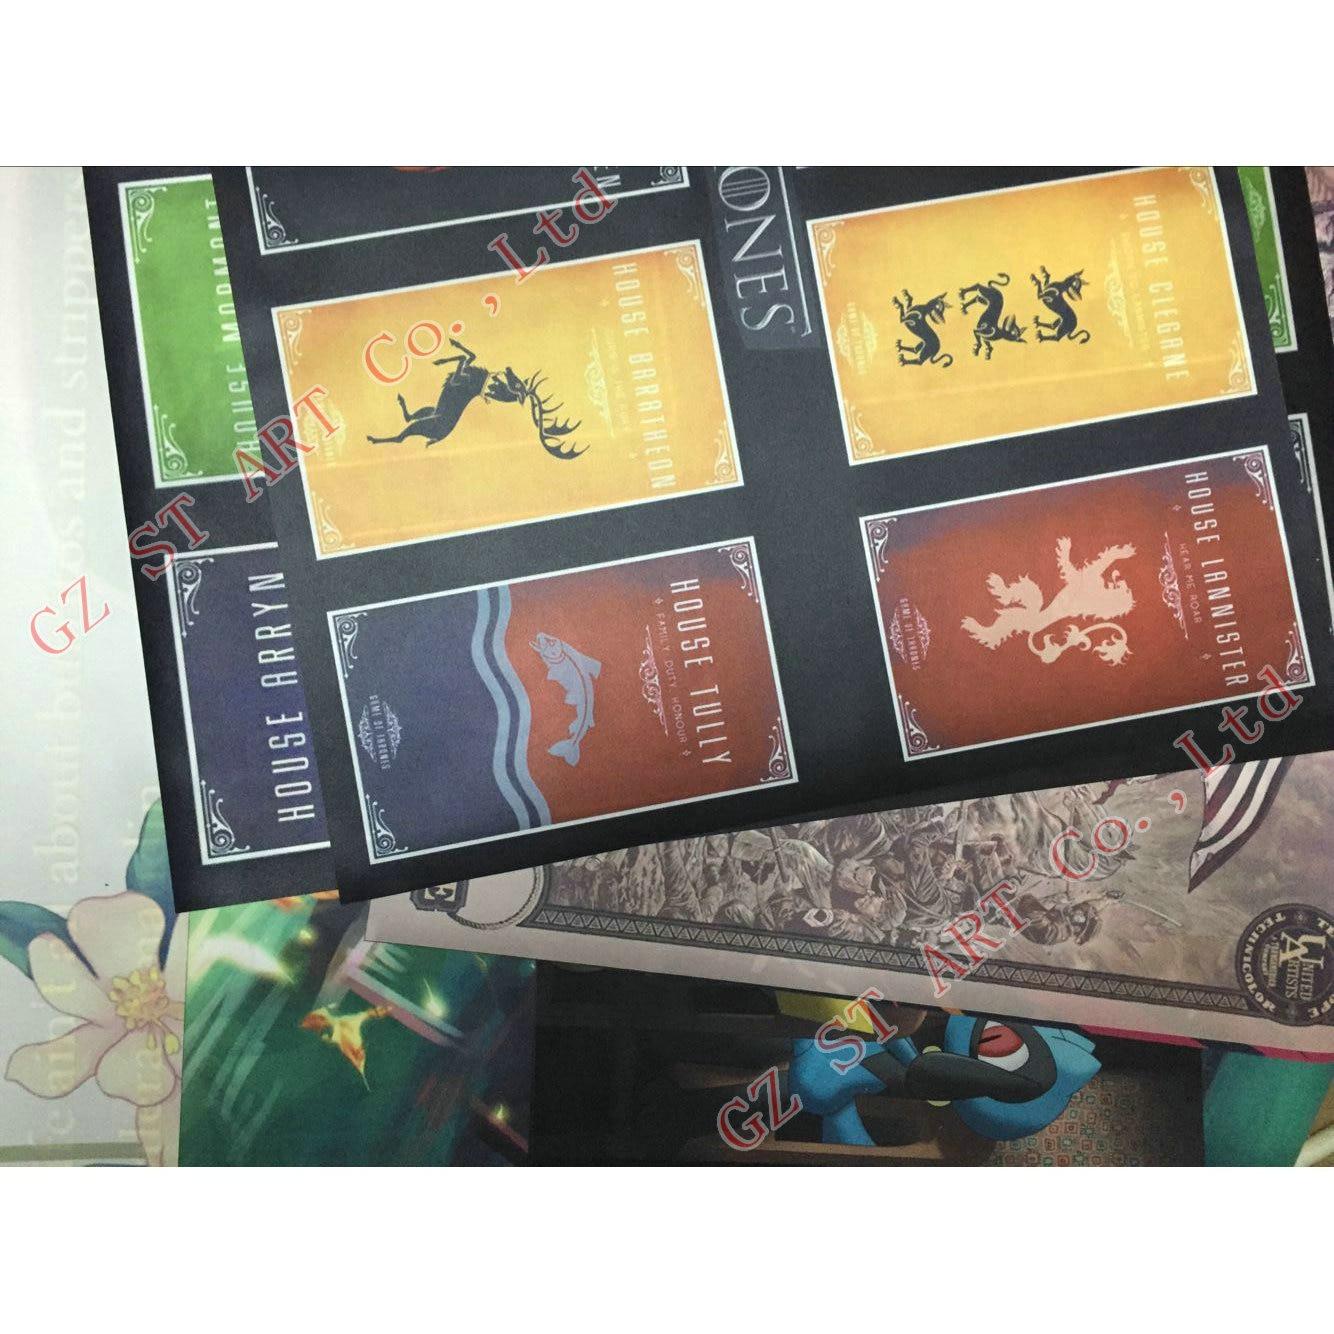 Star Wars 7 The Force Awakens Art Silk Fabric Tiskanje plakata 13x20 - Dekor za dom - Fotografija 4